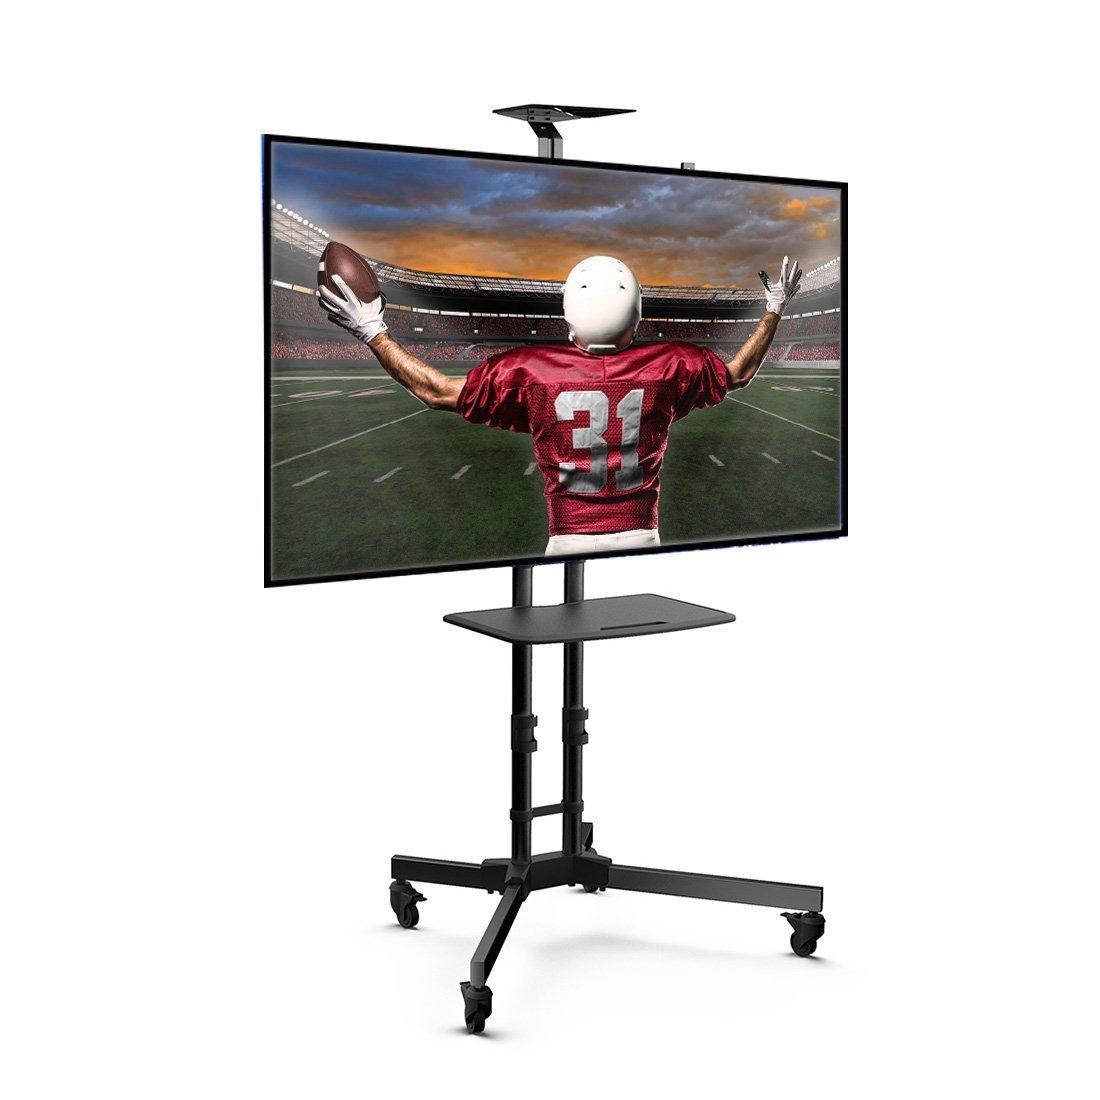 高さ調節可能な棚とフラットスクリーンマウント付きユニバーサルモバイルTVスタンドTVカート - 3265インチLED、最大VESAサイズ600 x 400 mmの液晶テレビに対応 B07R9WSD5Y